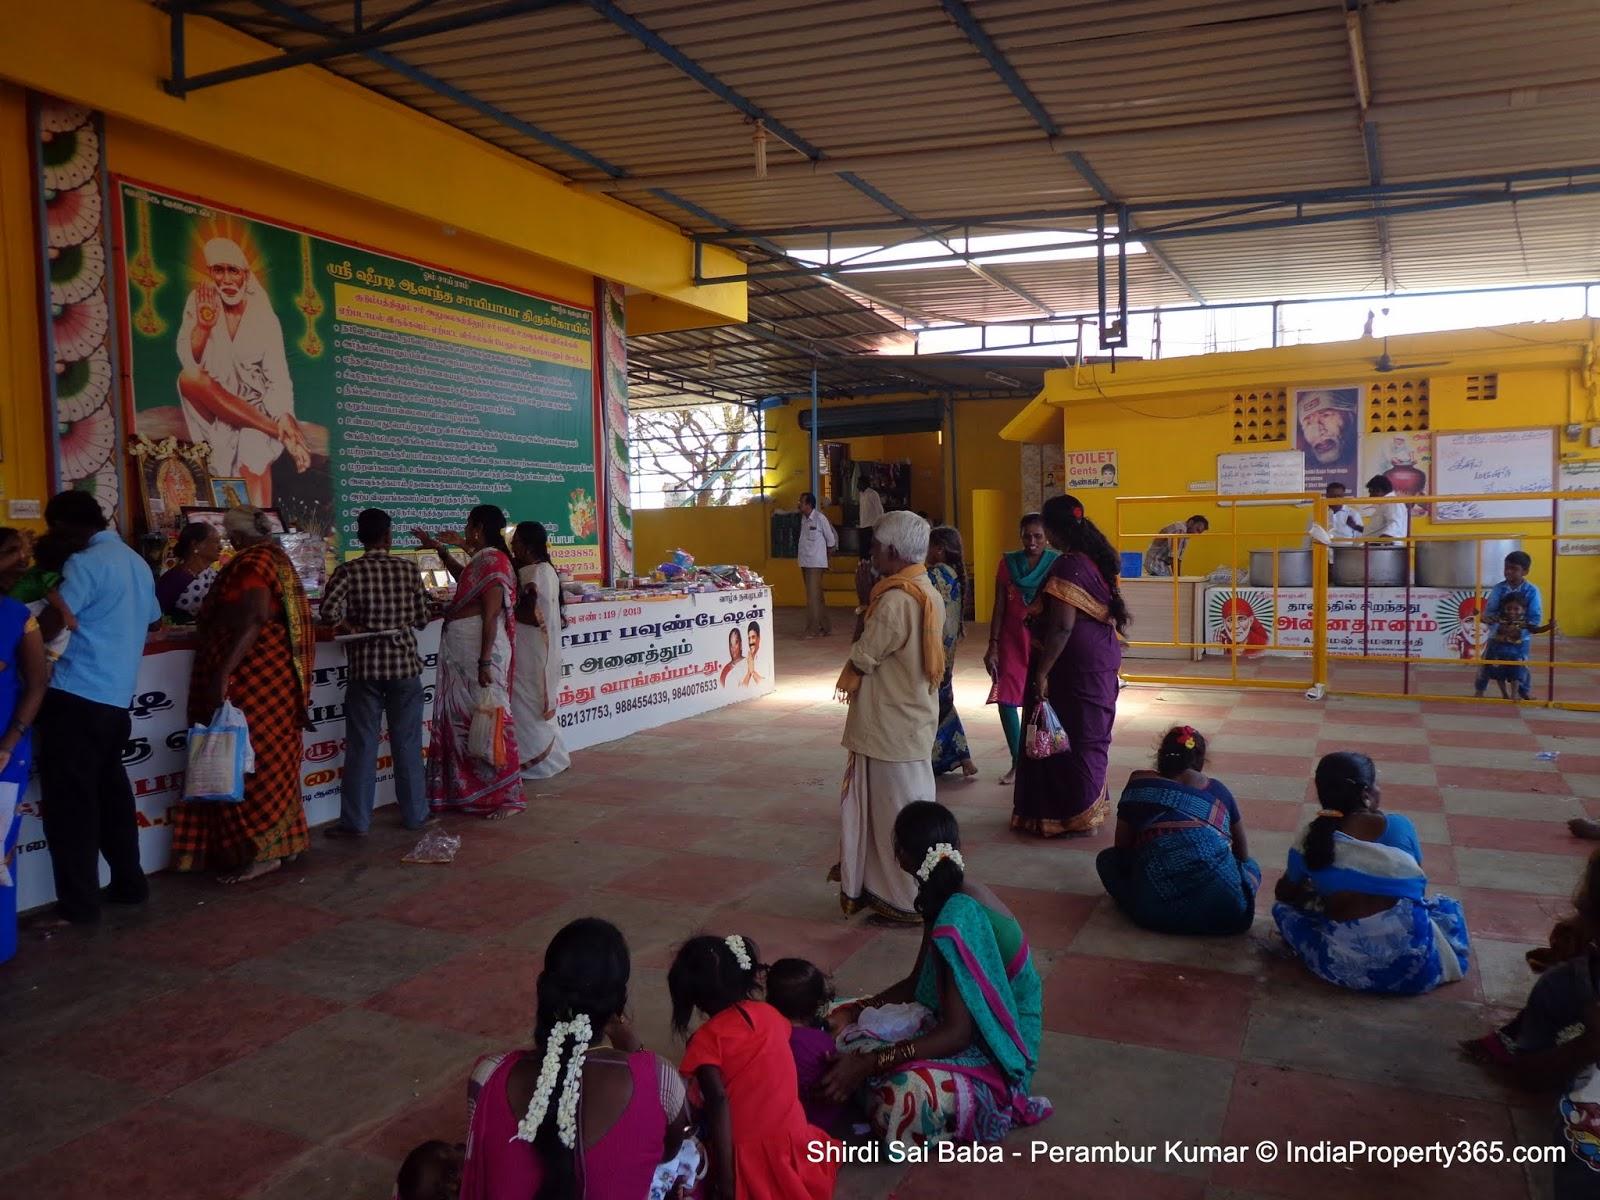 Shirdi Sai Baba - Temple, Photos, Sri Sai Karya Siddhi Maha